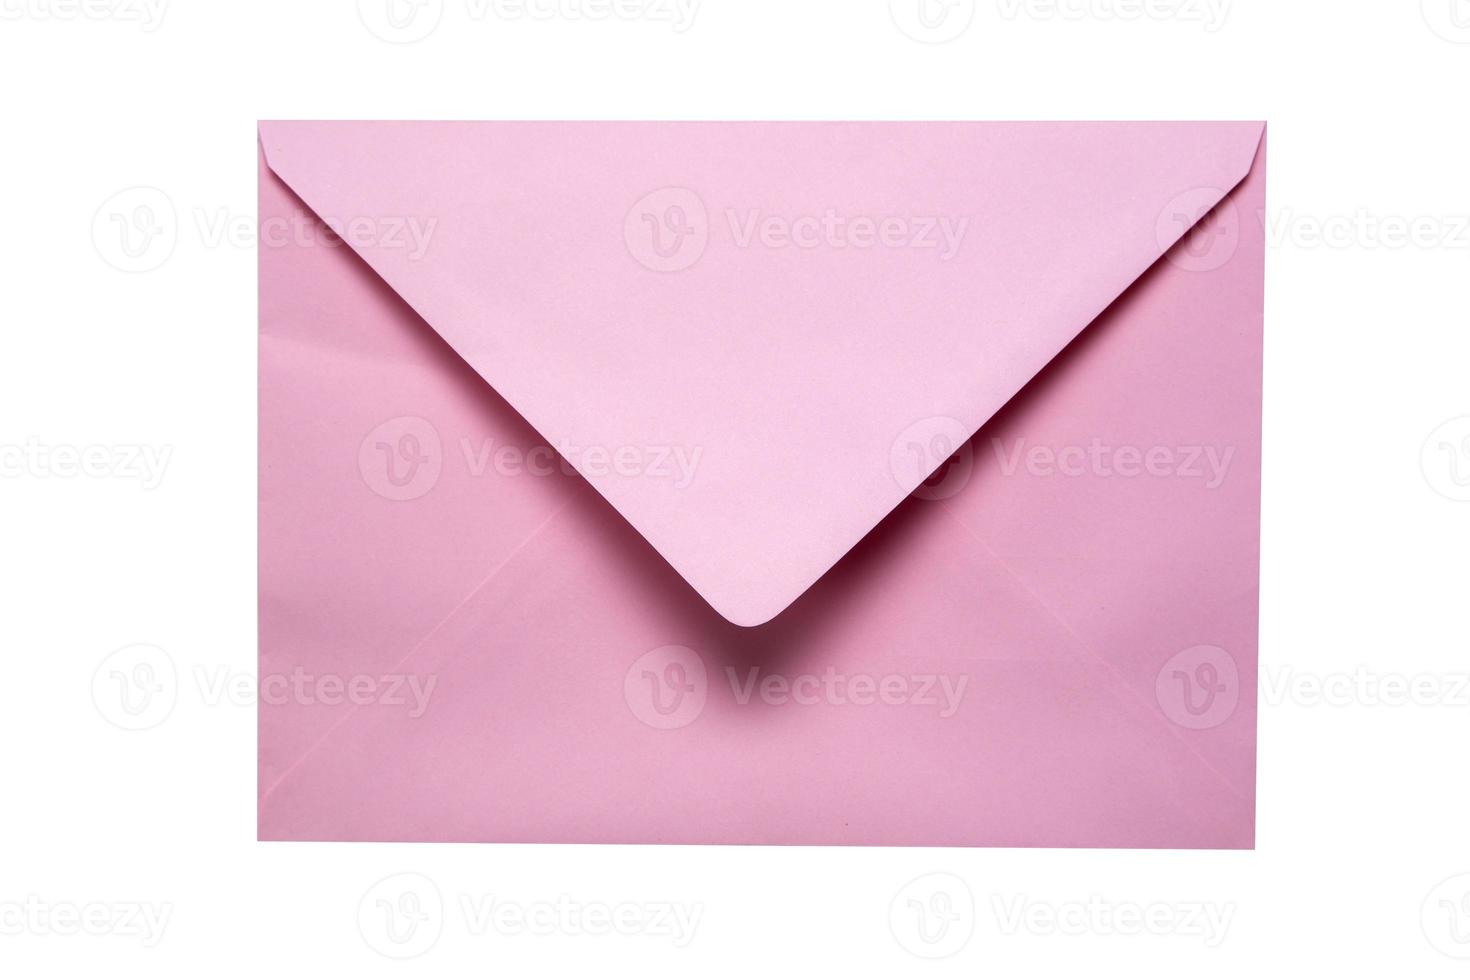 envelop foto